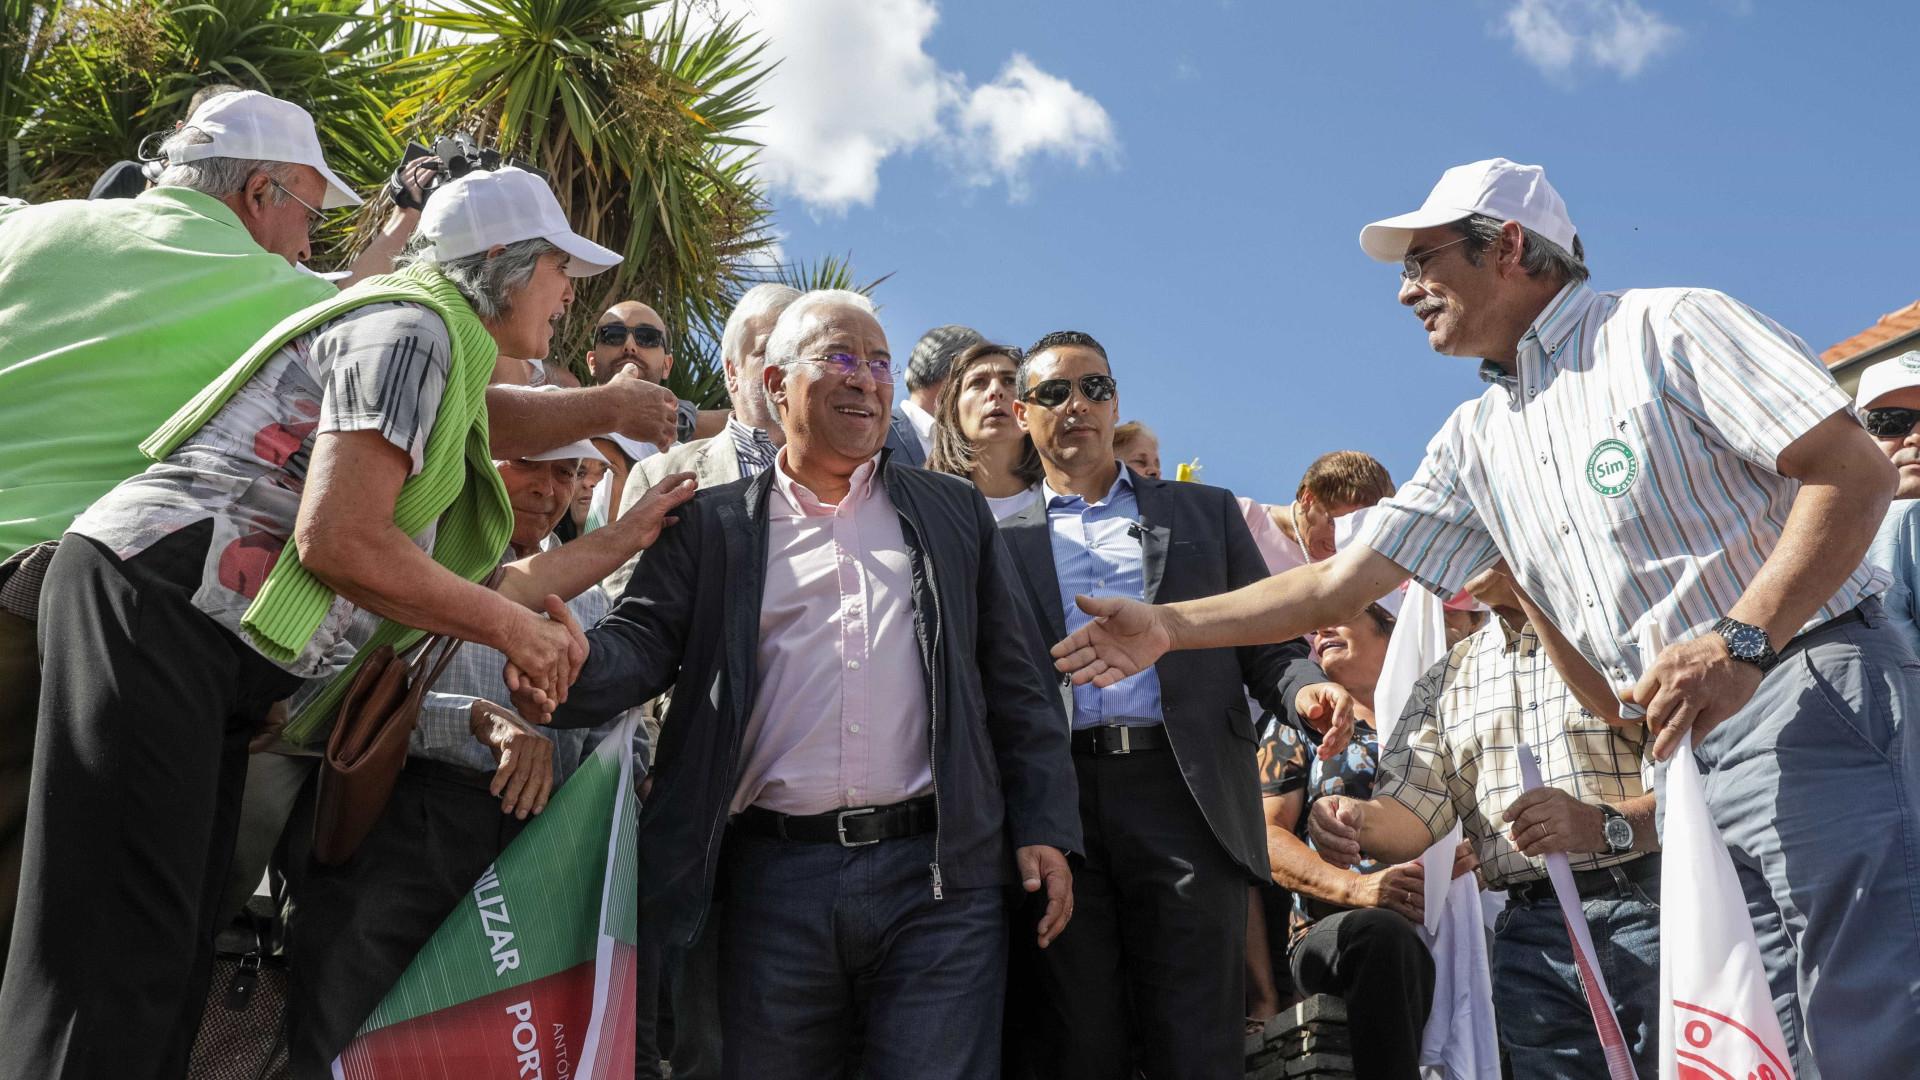 Costa diz que PS vai disputar vitória em todas as freguesias e concelhos